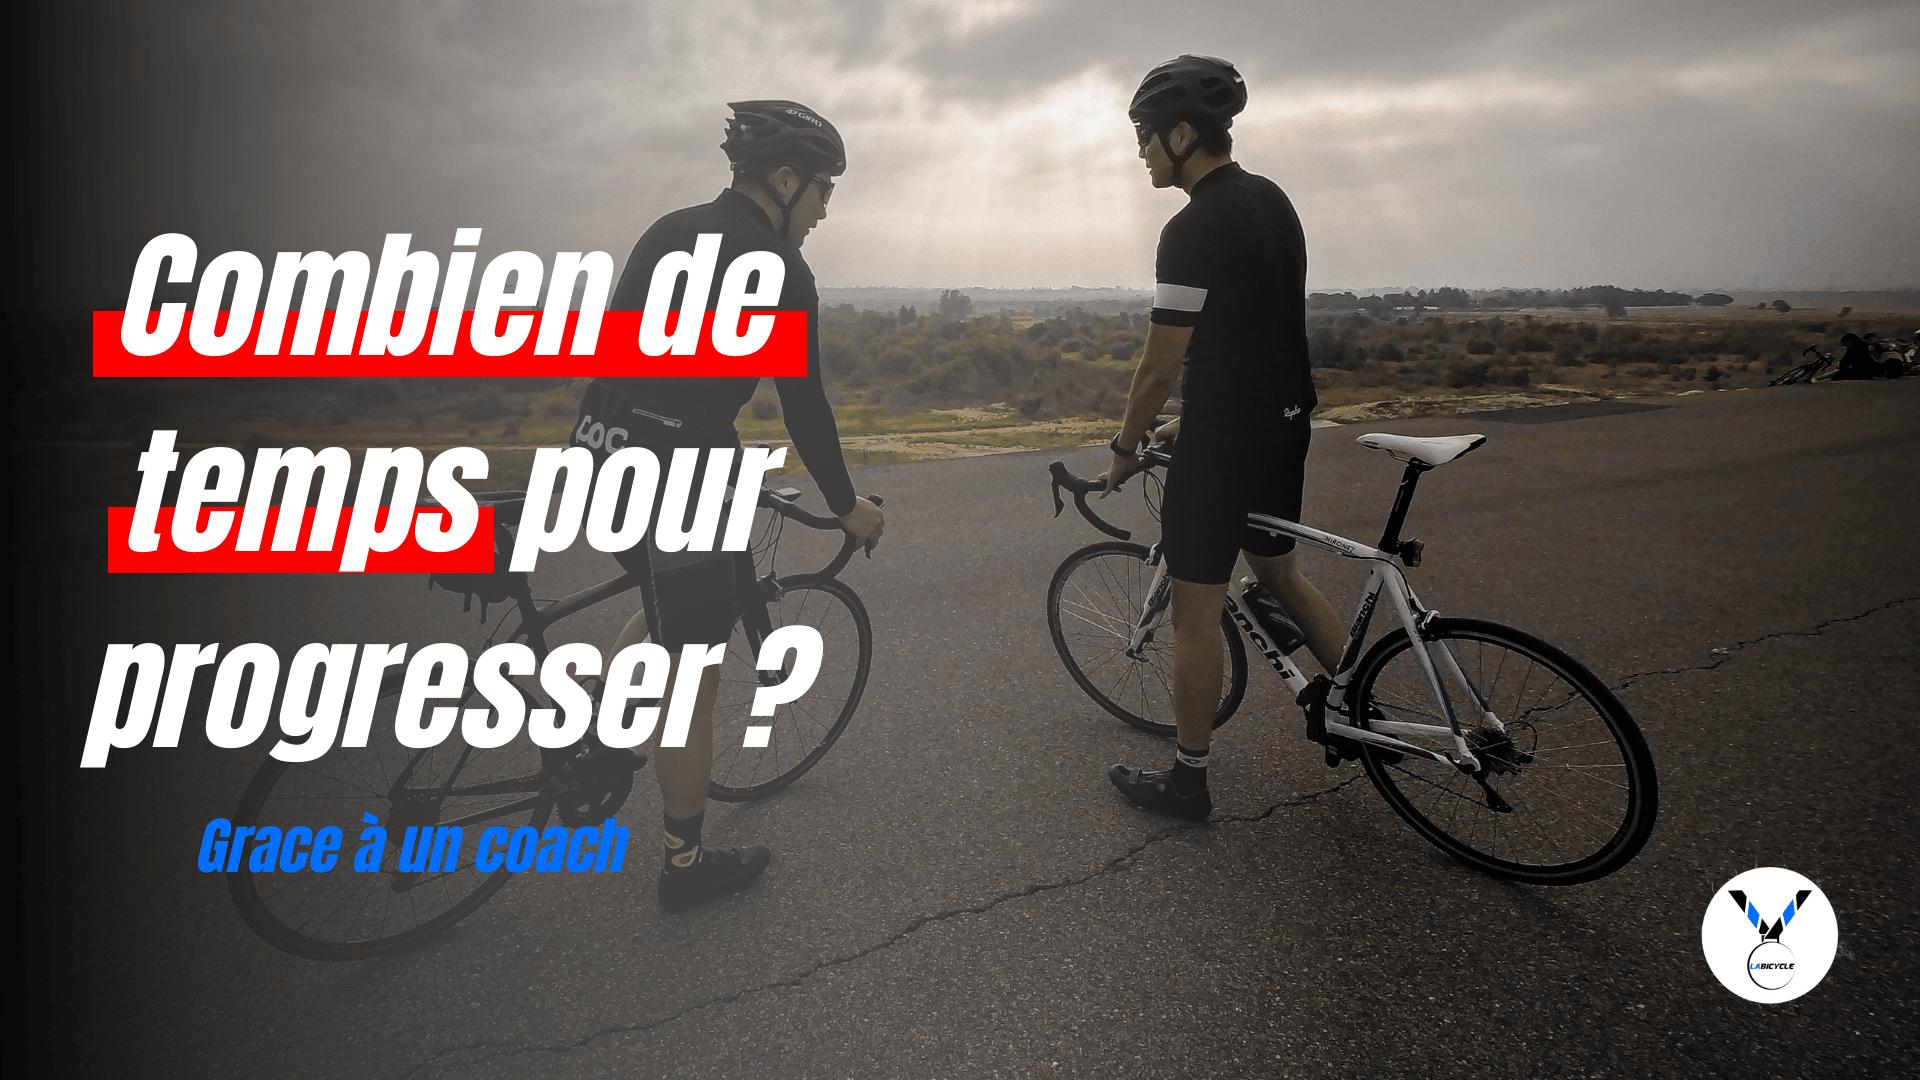 Combien de temps dure un coaching cycliste : bon à savoir